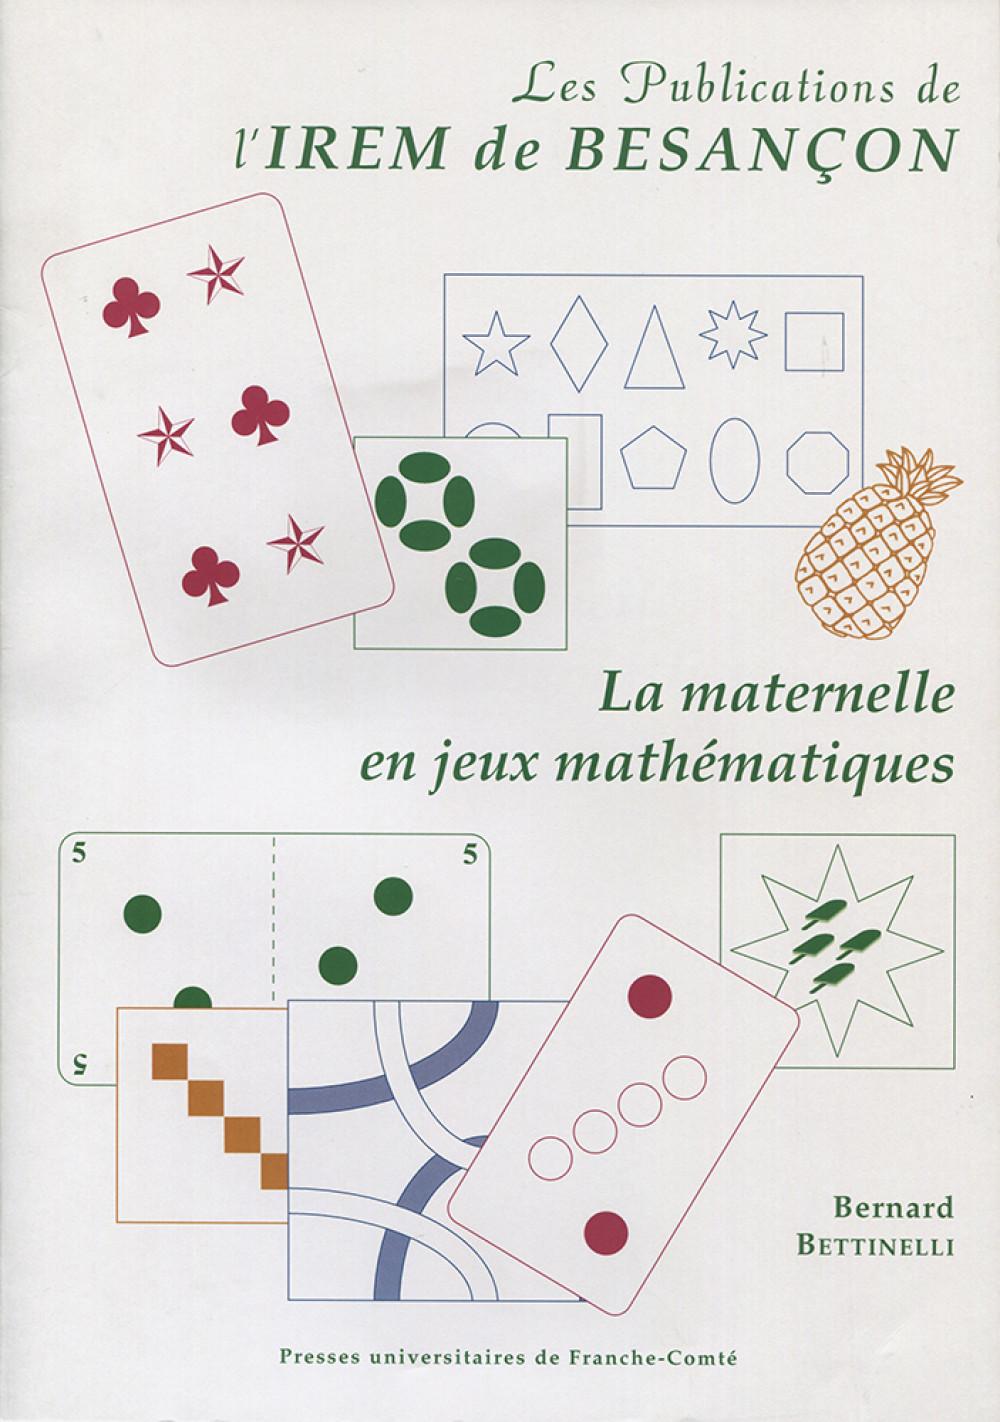 La maternelle en jeux mathématiques